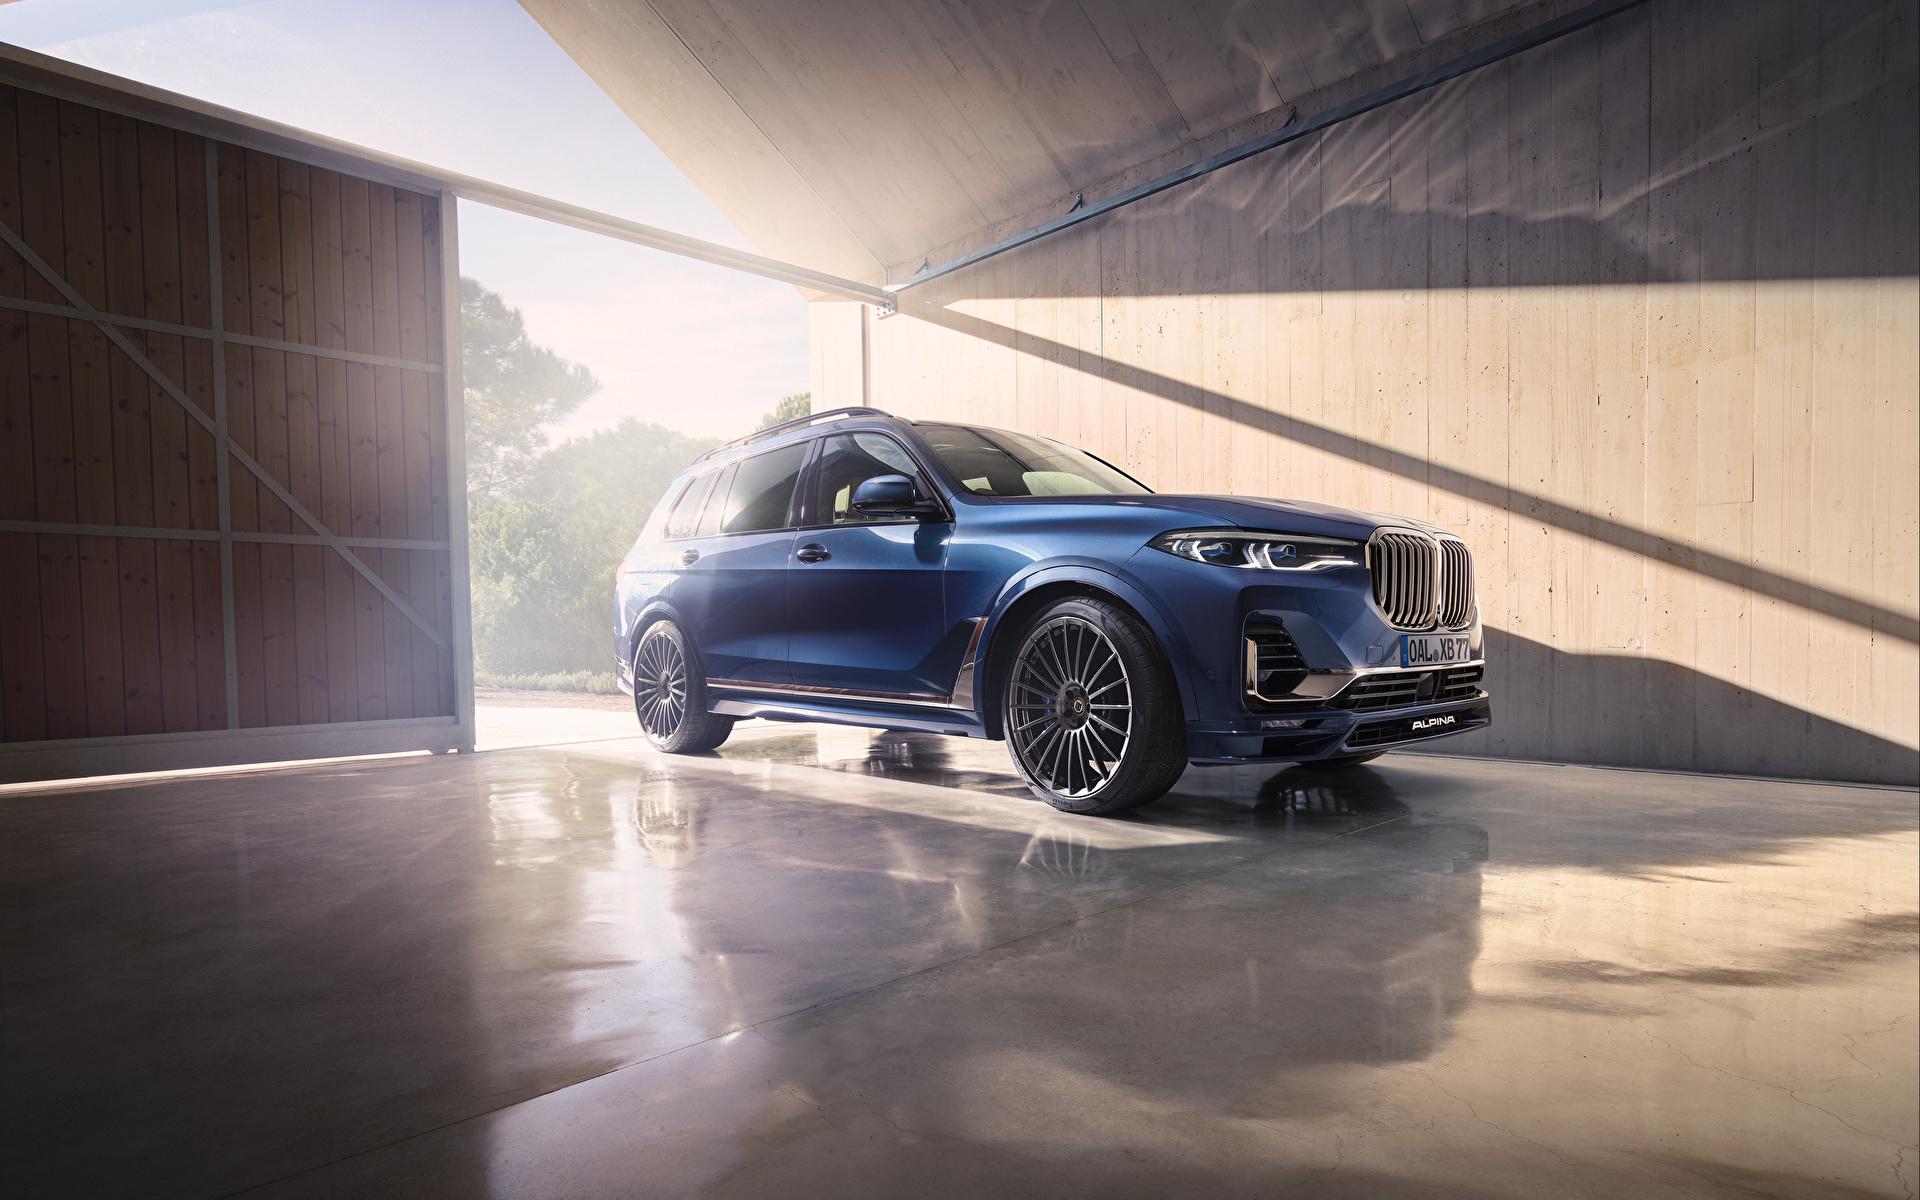 Обои для рабочего стола BMW Кроссовер 2020 Alpina XB7 Worldwide синяя Автомобили 1920x1200 БМВ CUV Синий синие синих авто машины машина автомобиль